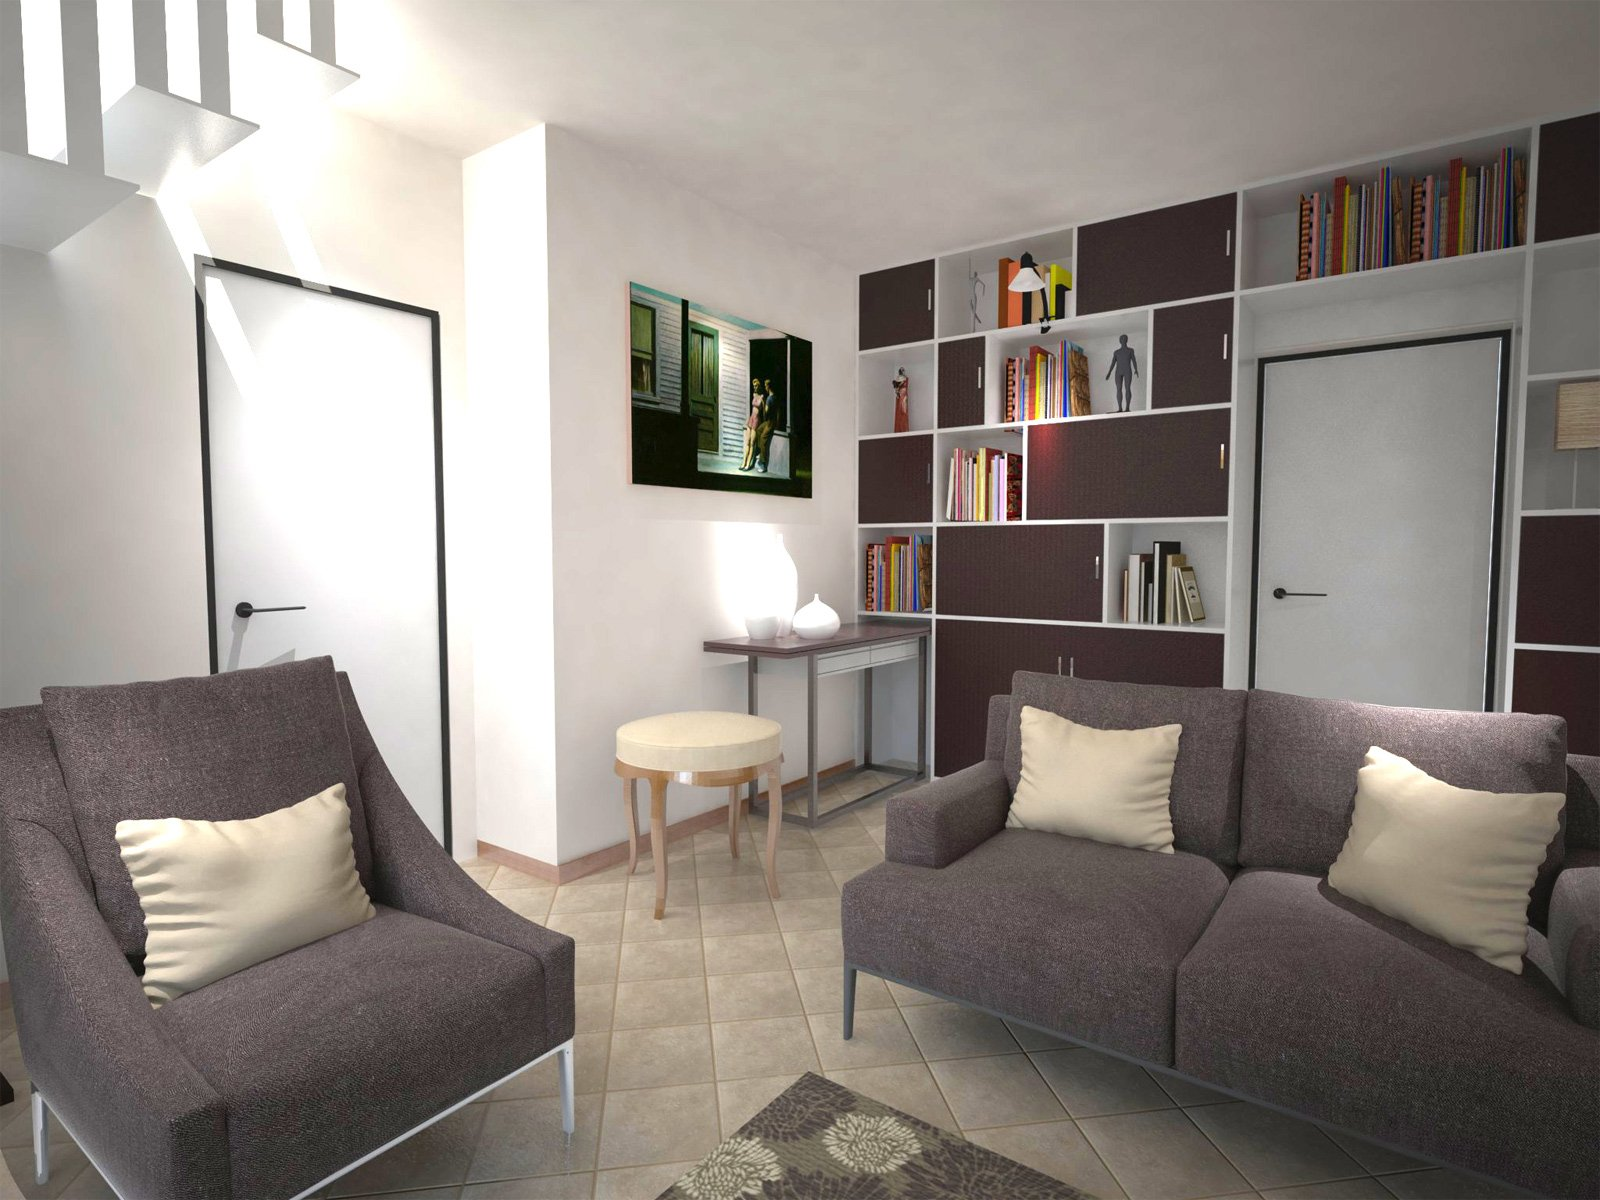 Arredare un soggiorno con tante aperture sulle pareti for Arredare un soggiorno